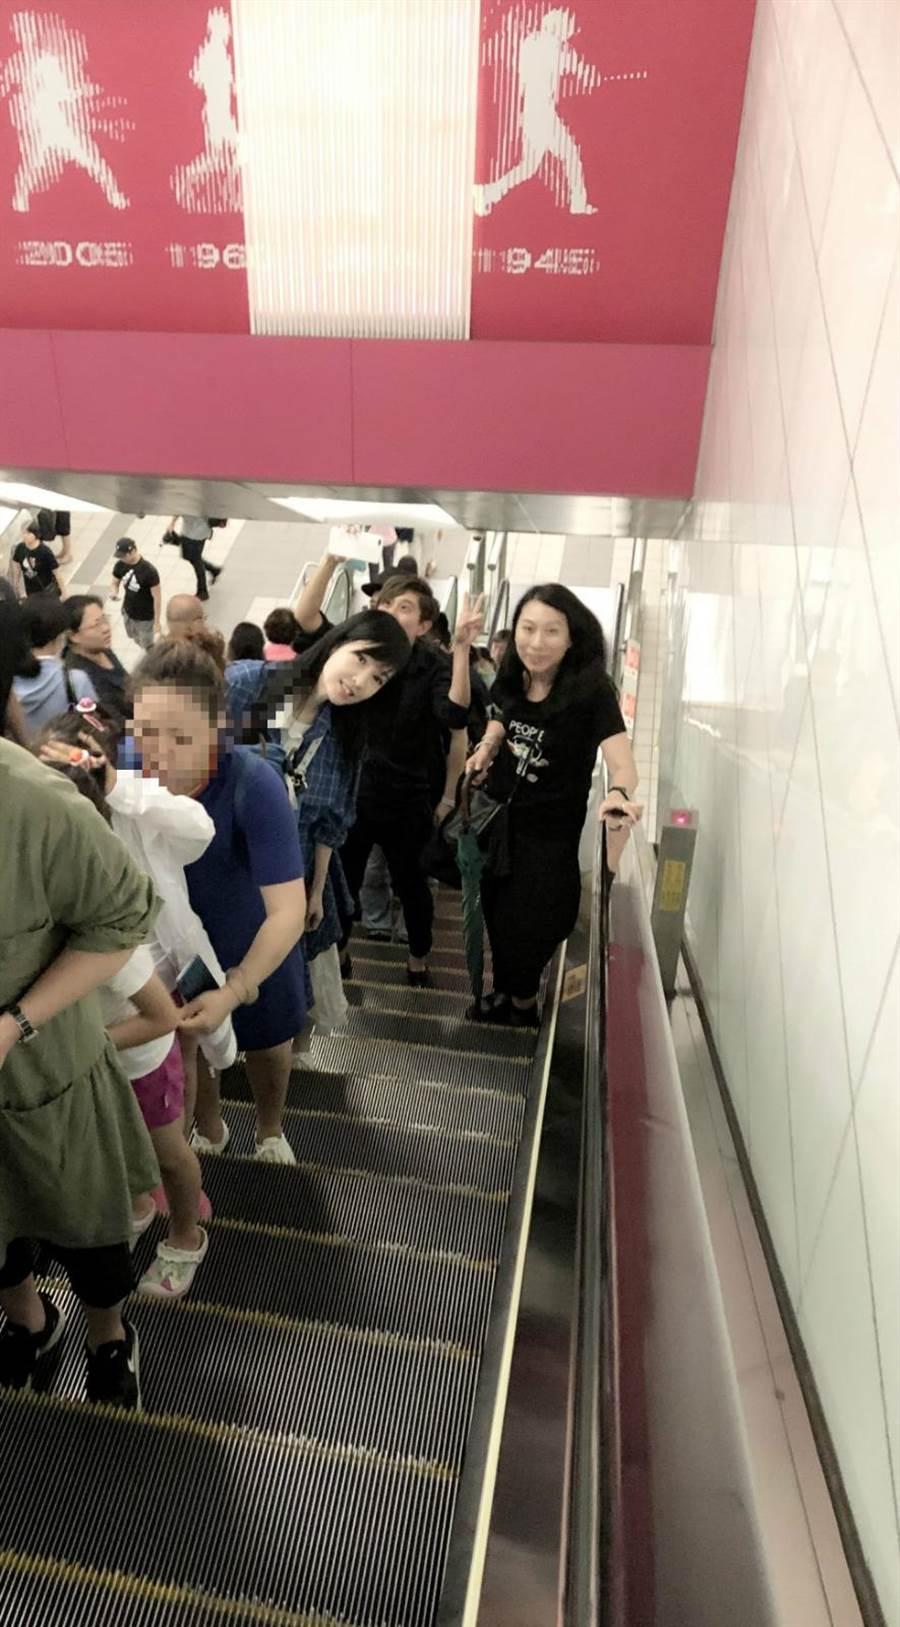 周慧敏第一次搭乘台北捷運,興奮地像小孩子一樣東張西望。(寬宏藝術/福茂唱片提供)